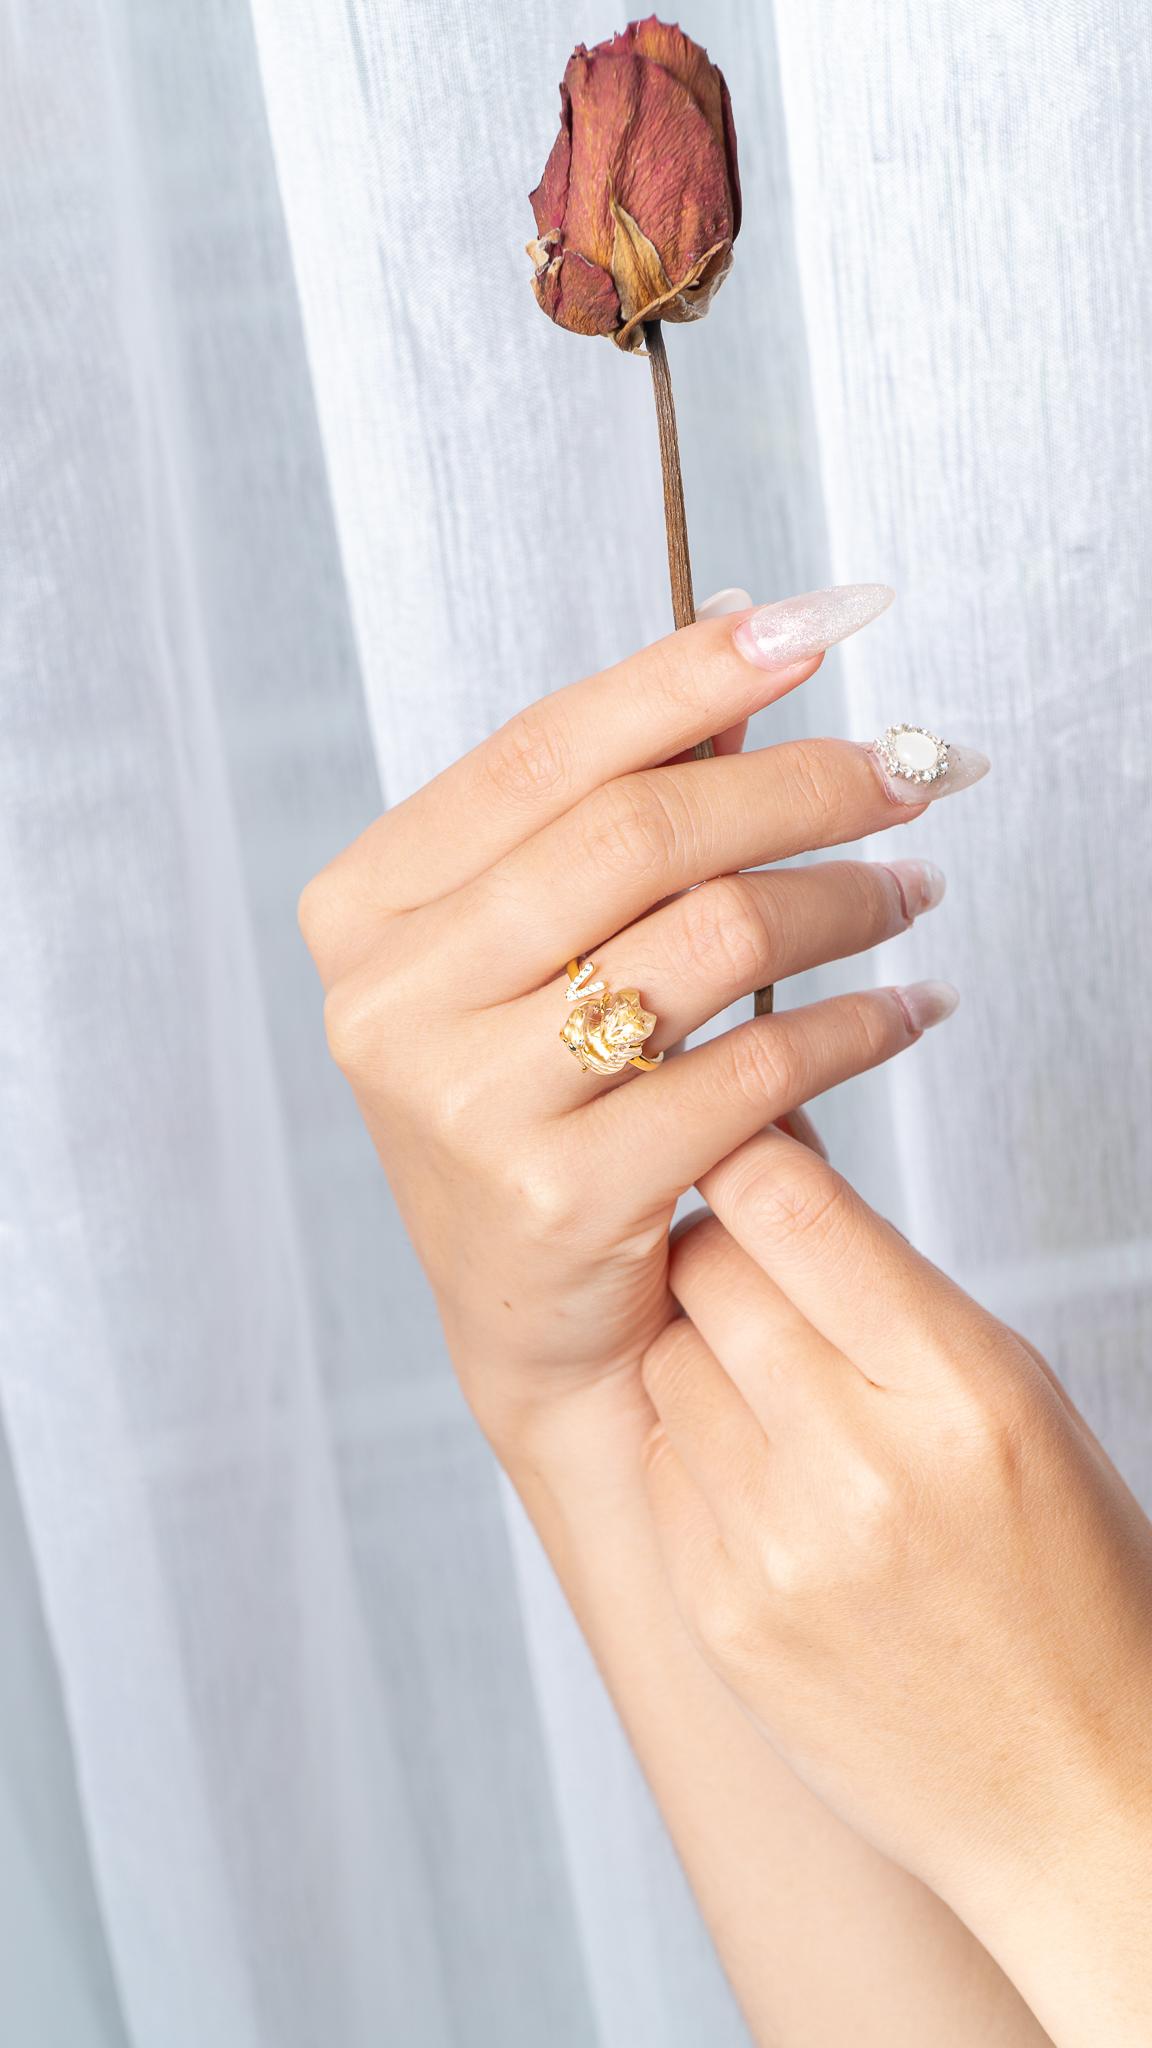 cách đeo nhẫn hồ ly hợp mệnh